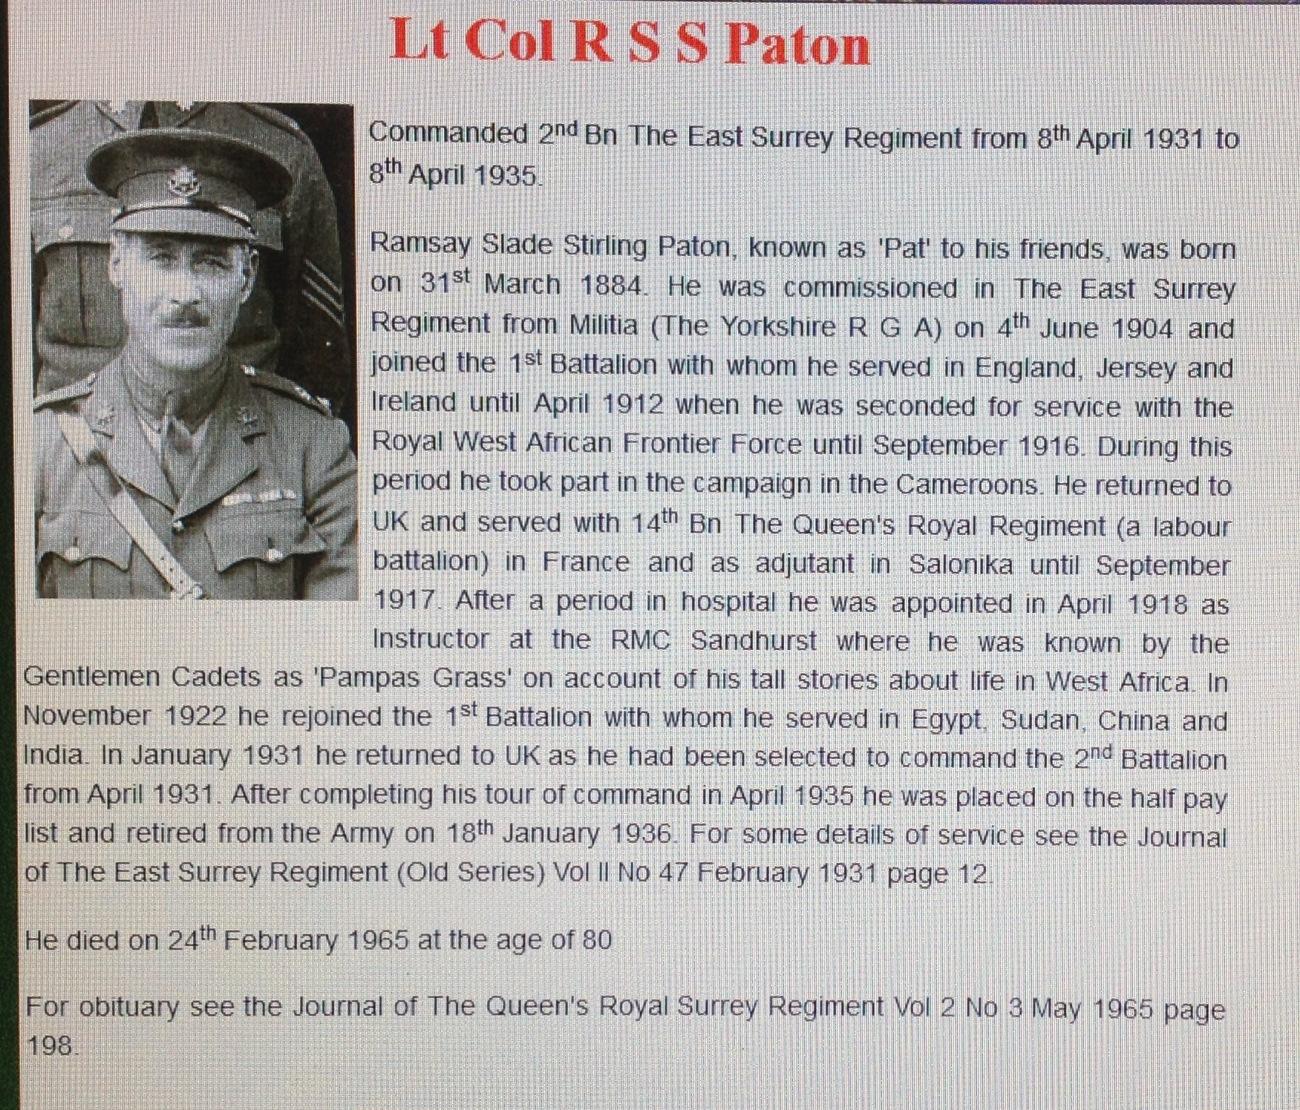 Lt Col RSS Paton